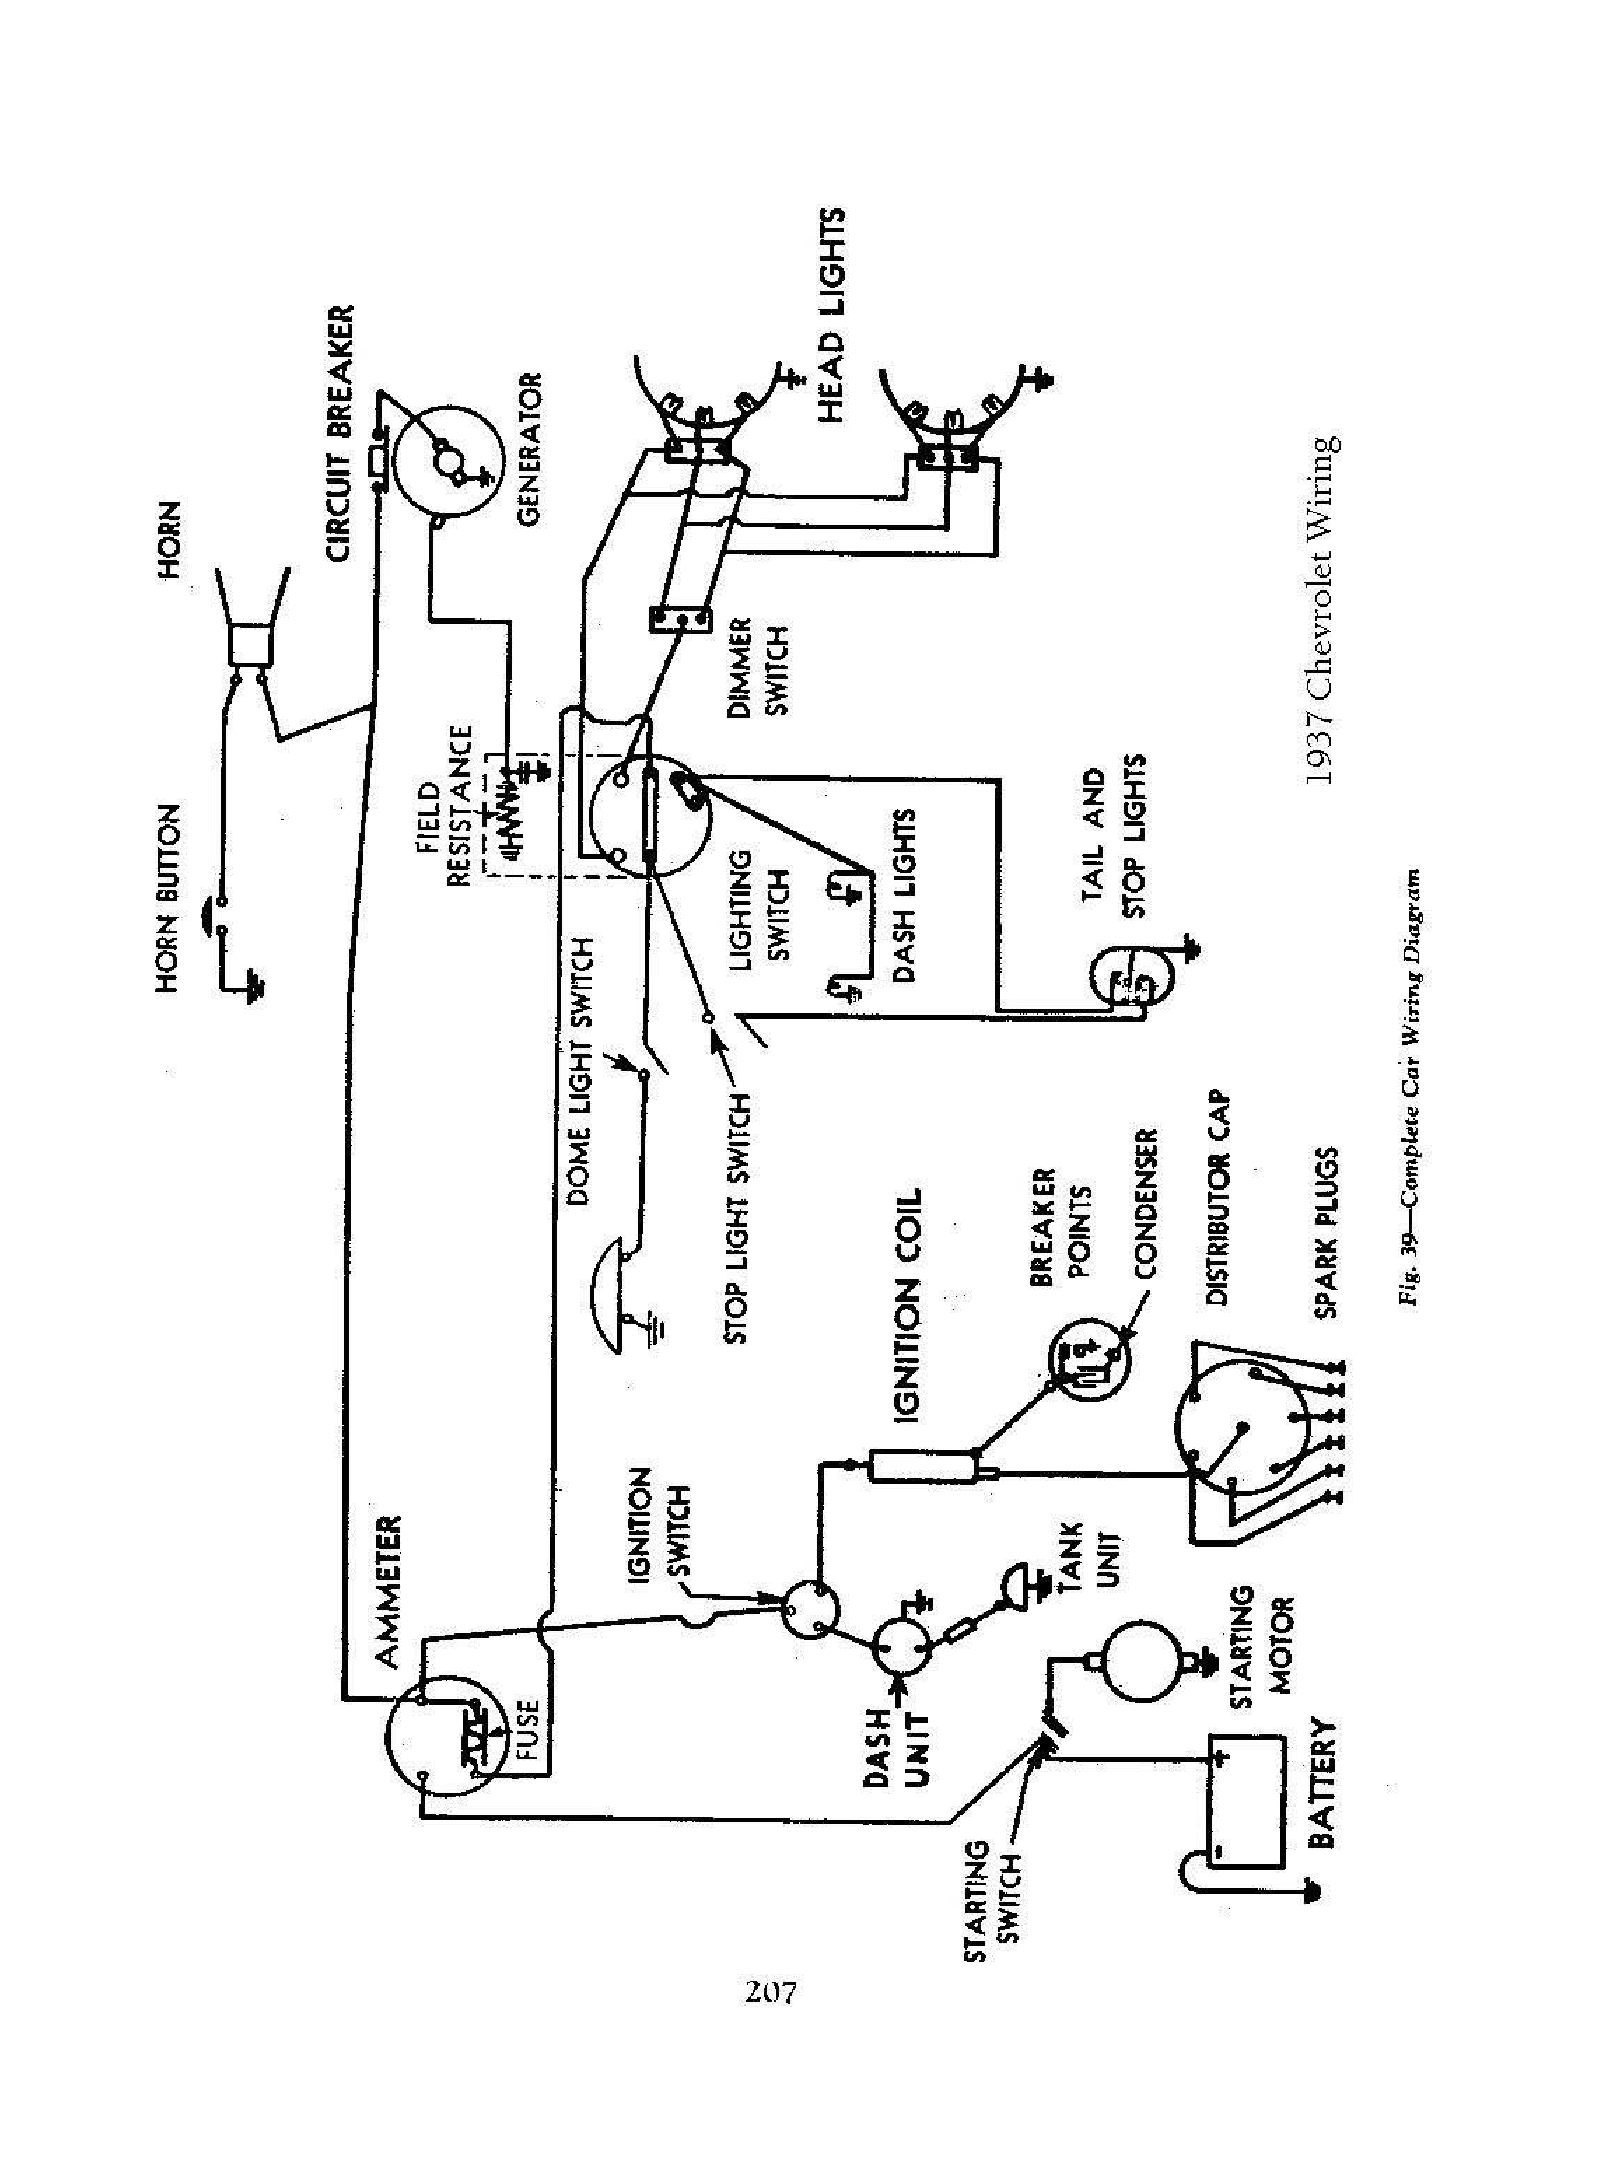 1947 dodge pickup wiring diagram 1947 dodge wiring diagram wiring